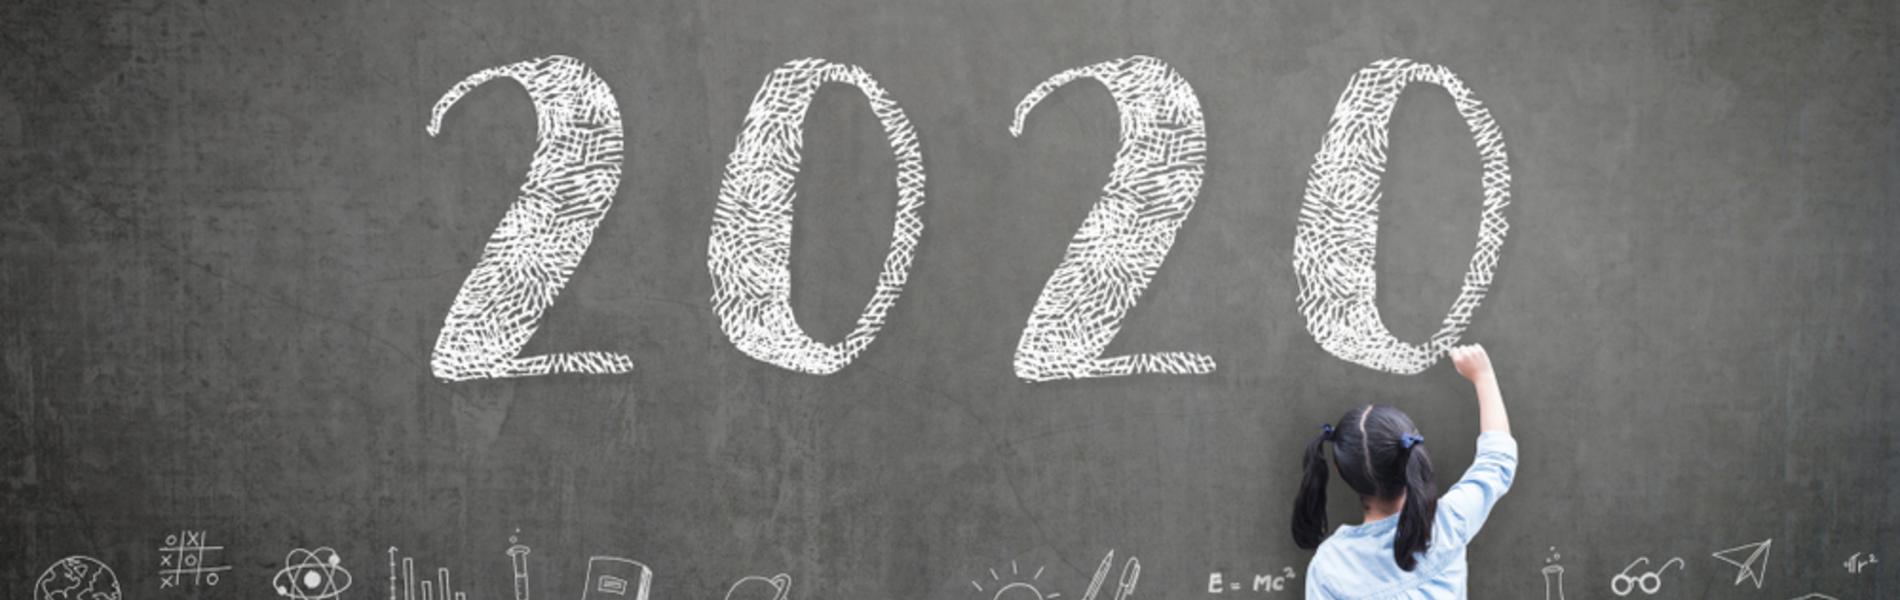 הציון של מערכת החינוך הישראלית השנה – 'נכשל'